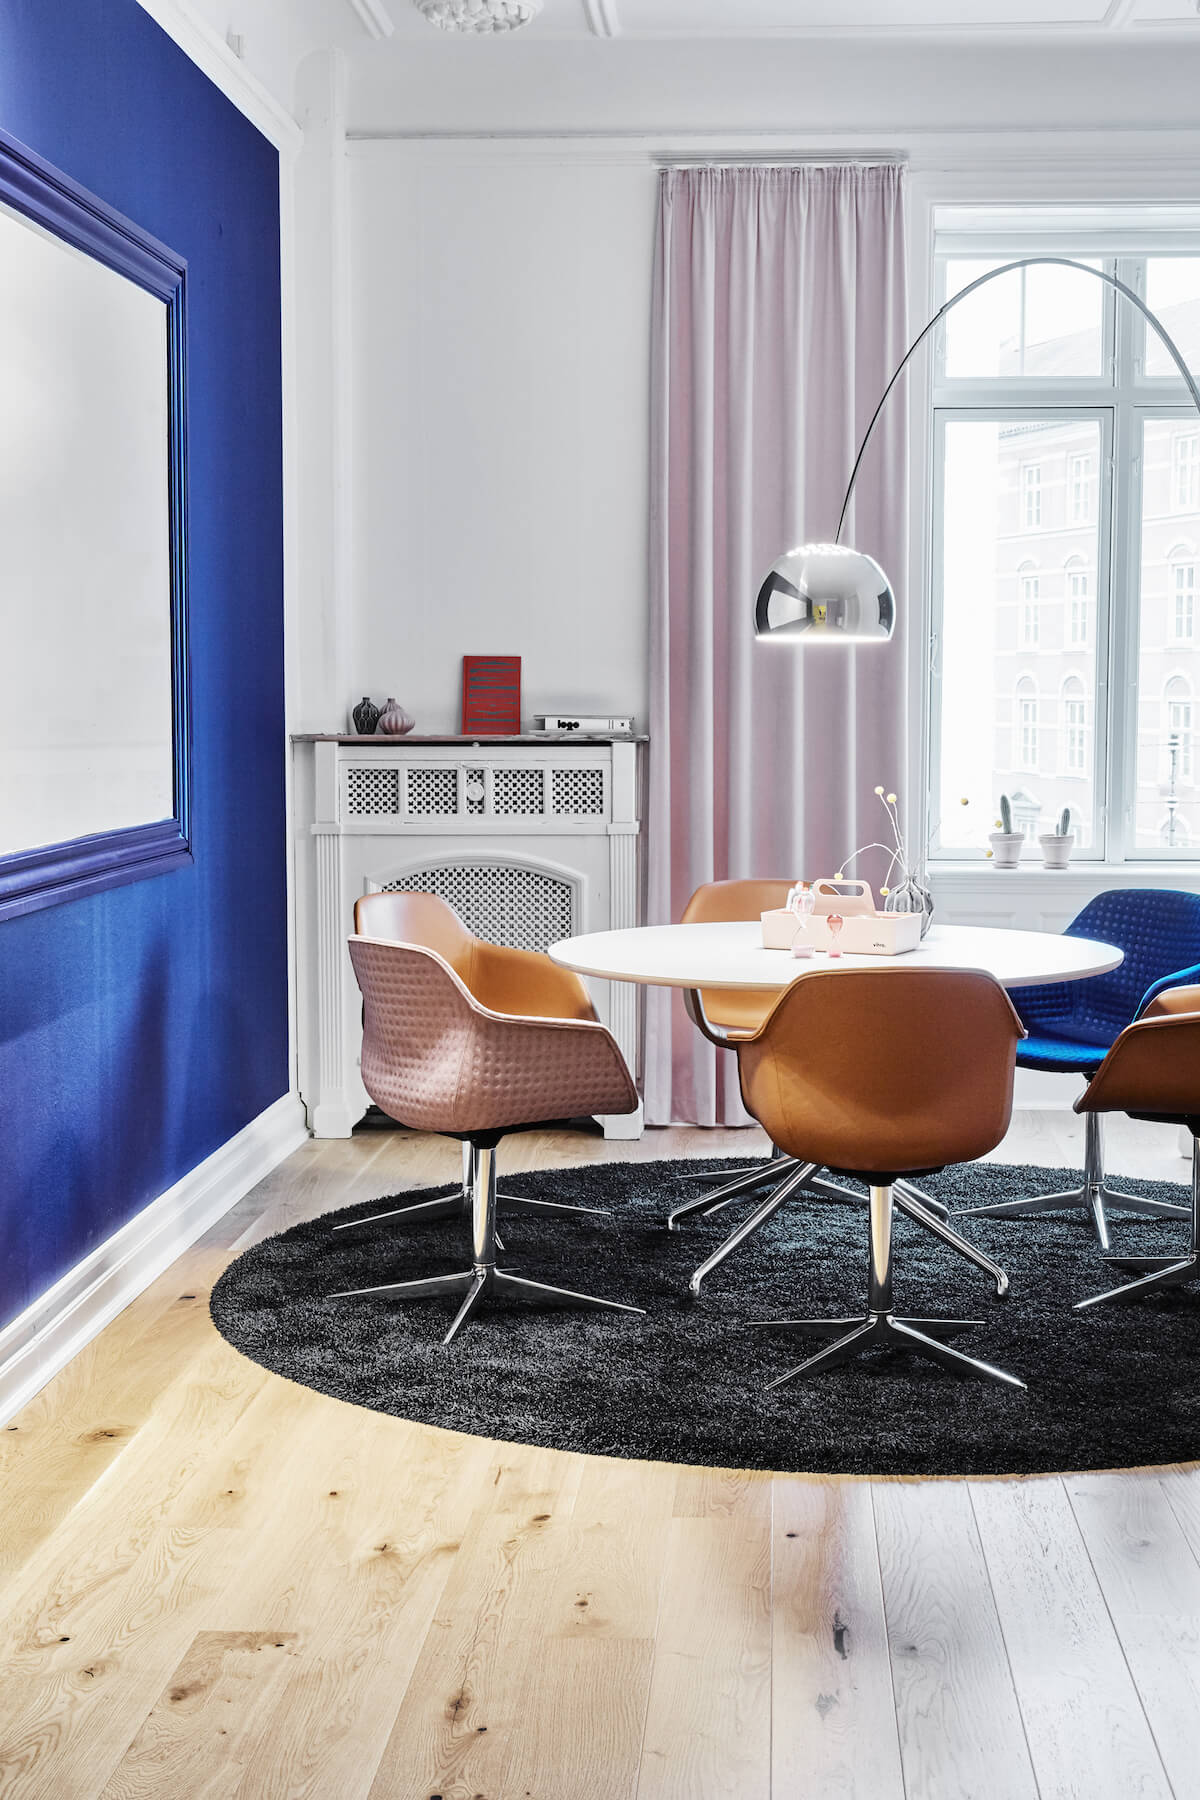 Uformelt Mødelokale Med Four Design Mødestole Og Mødebord